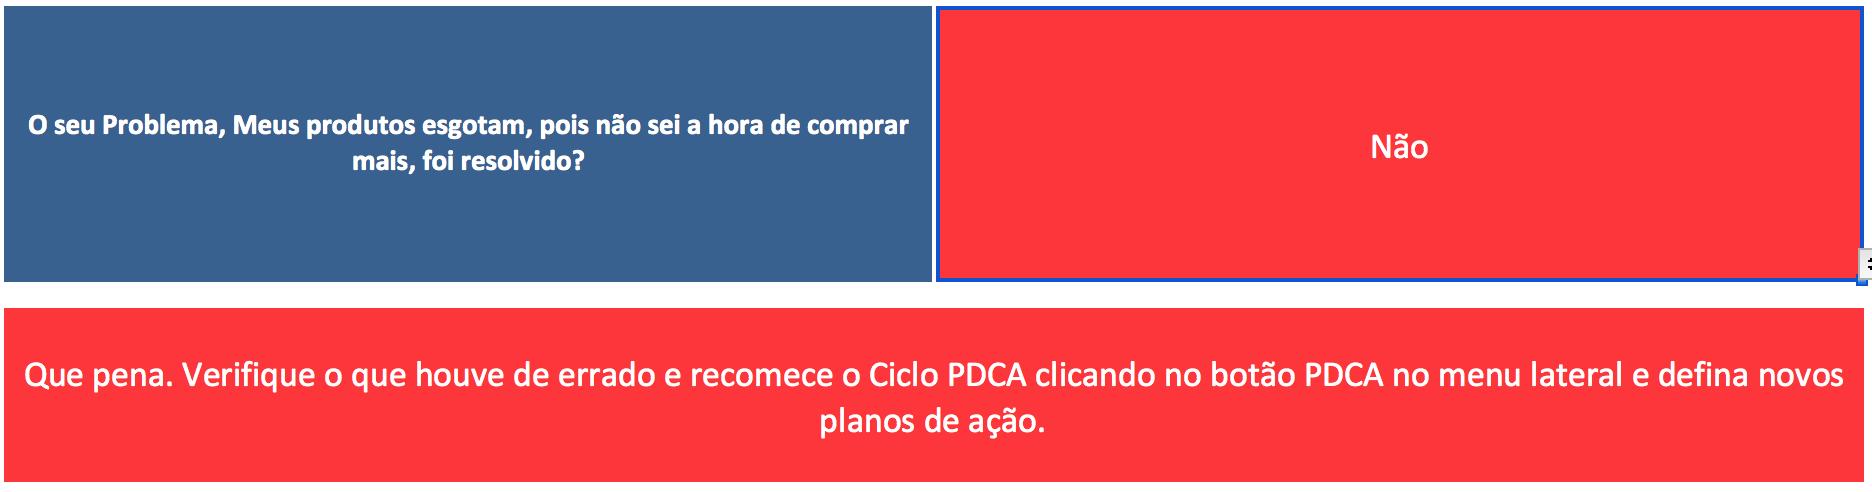 Utilizando o Ciclo PDCA na Gestão do Estoque - Problema Não Resolvido